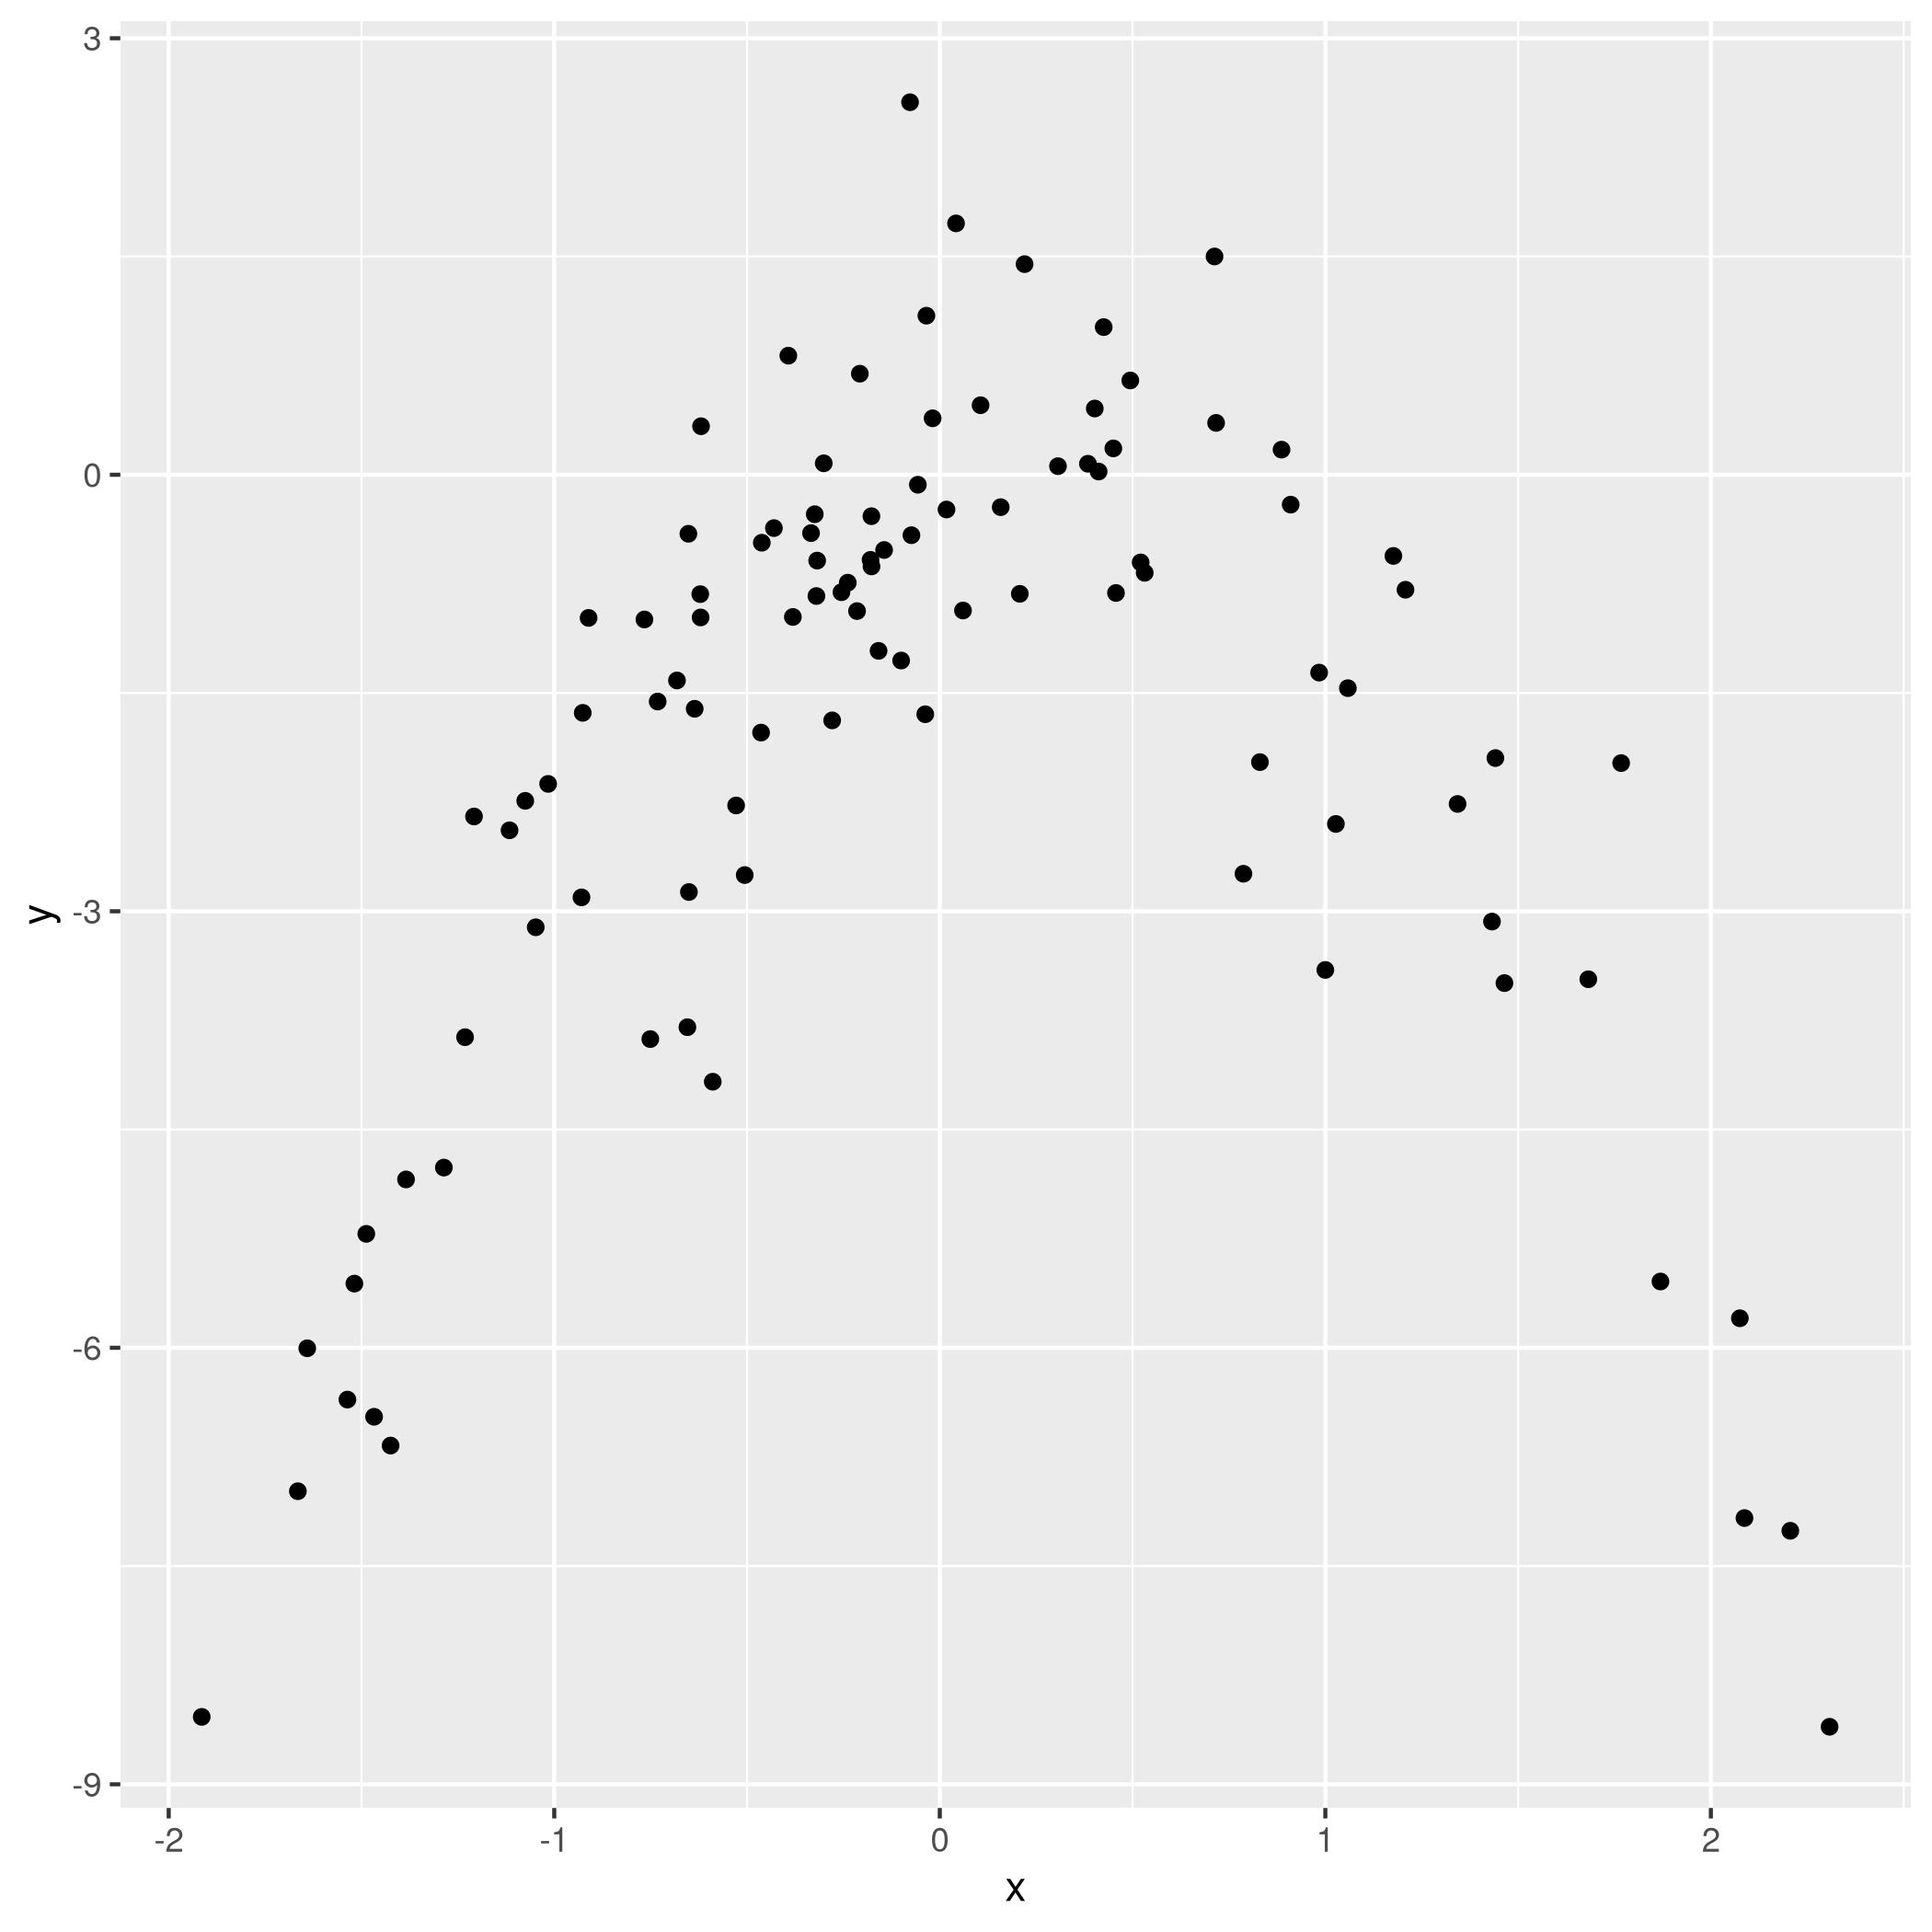 Figure 10: Model data plot